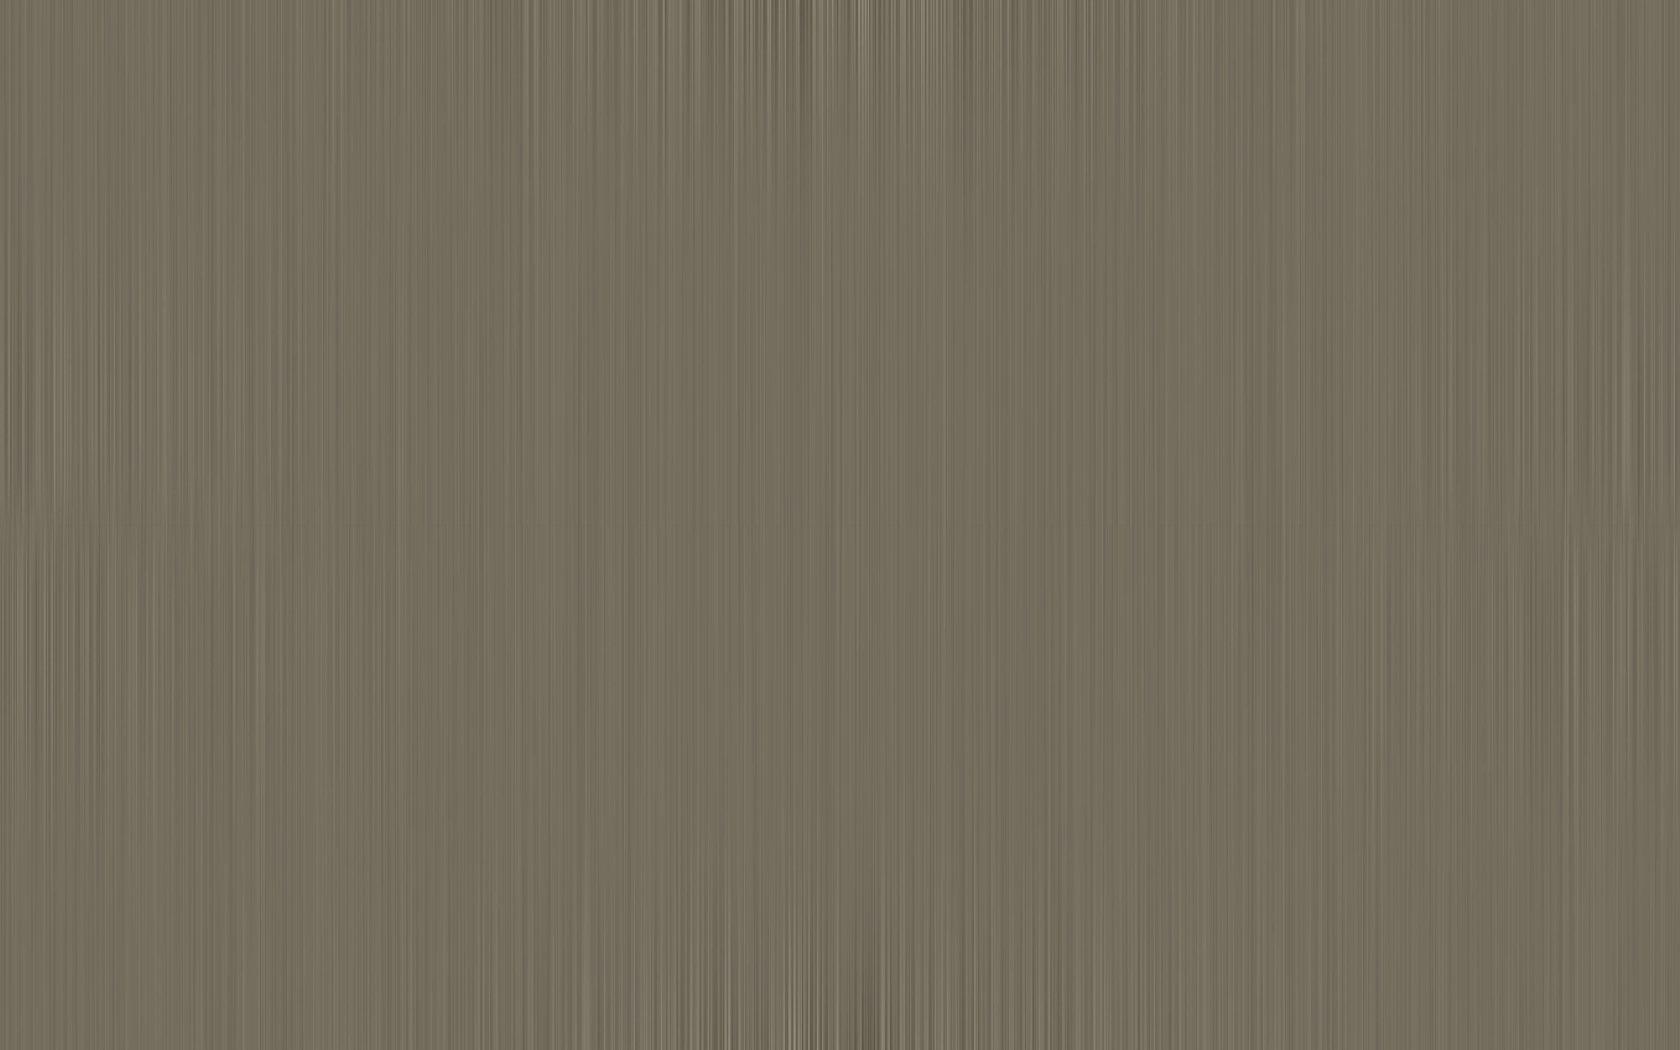 brushed:stripes light whatever